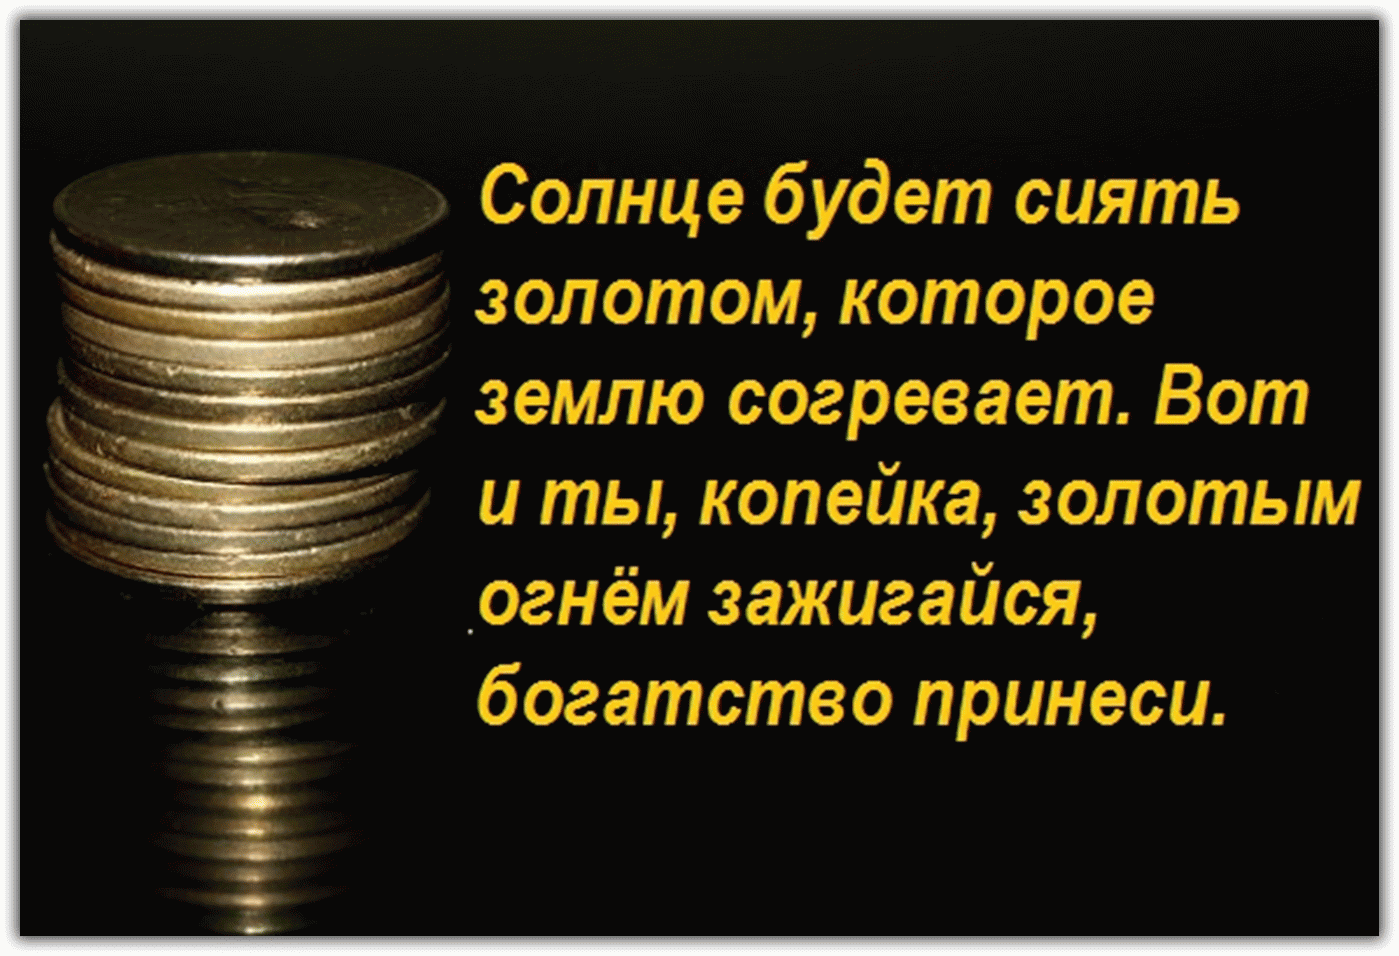 Заговор на желтую монетку